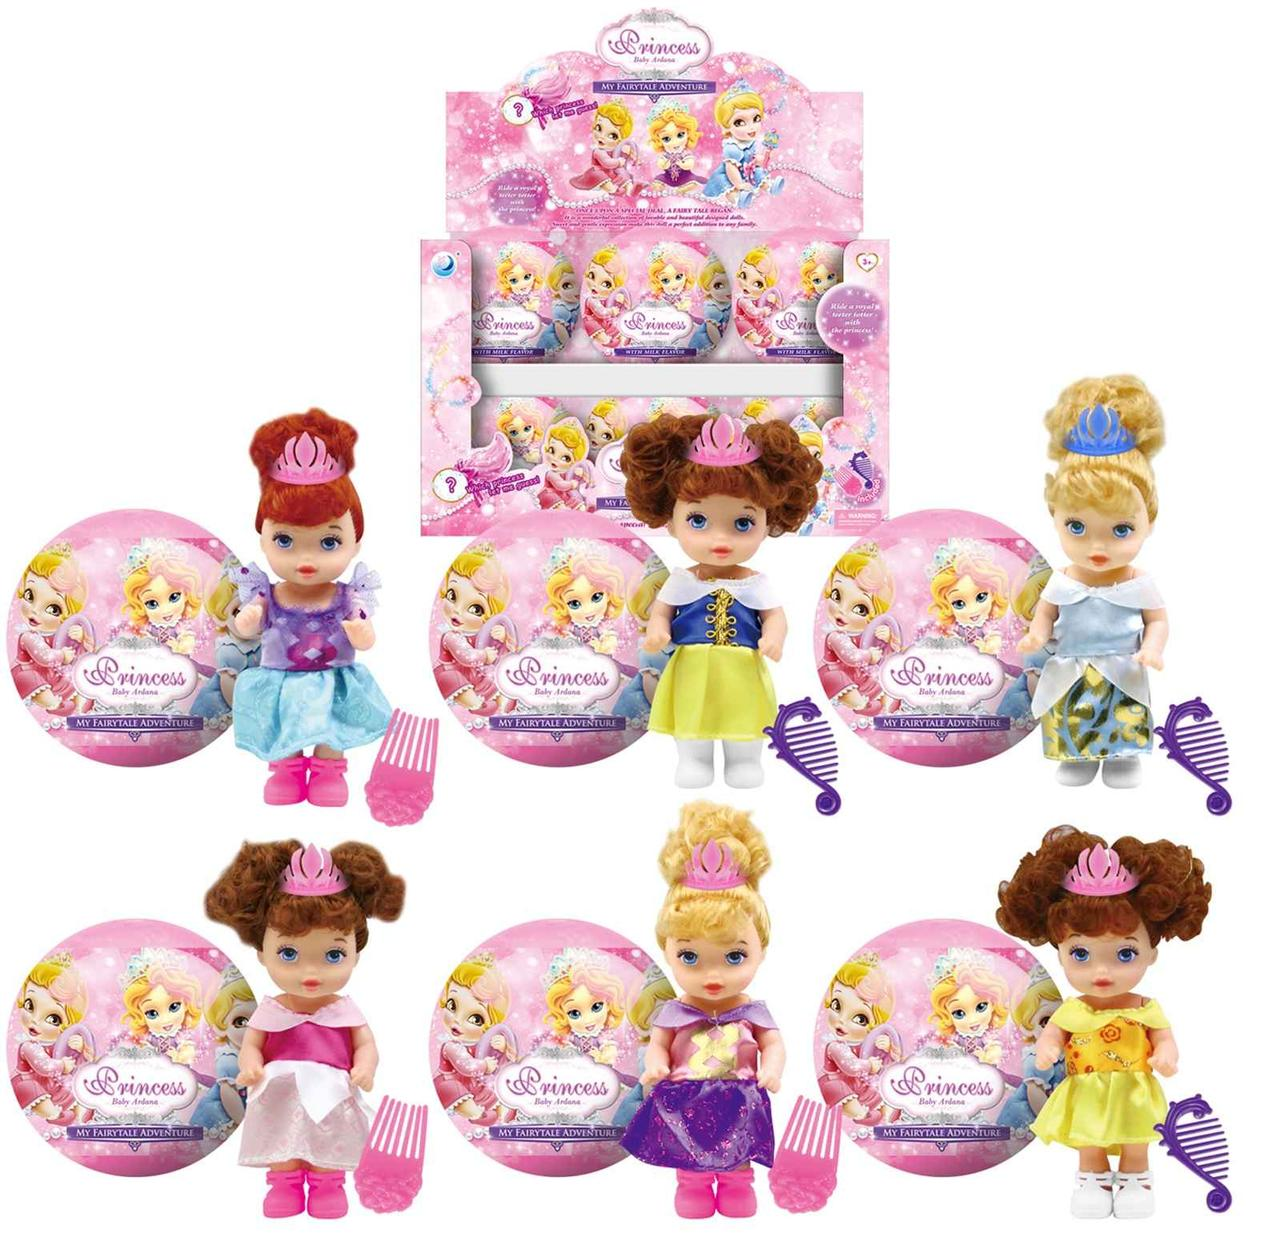 Лялька Принцеса Дійснею 6 видів у шарі з гребінцем по 12 шт у боксі  A325